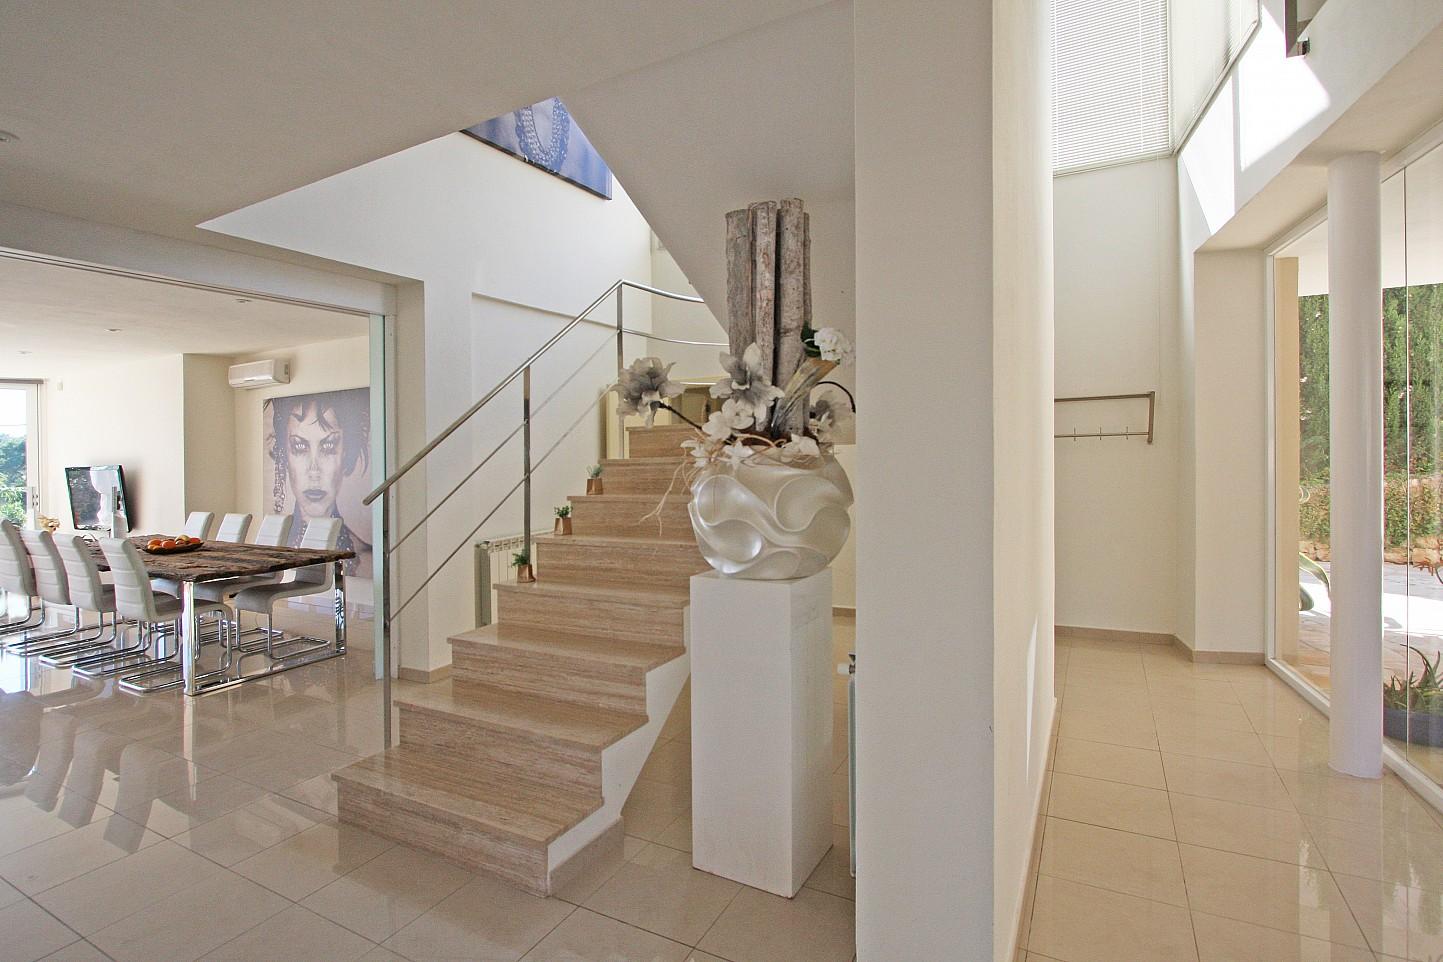 Escales d'accés al segon nivell